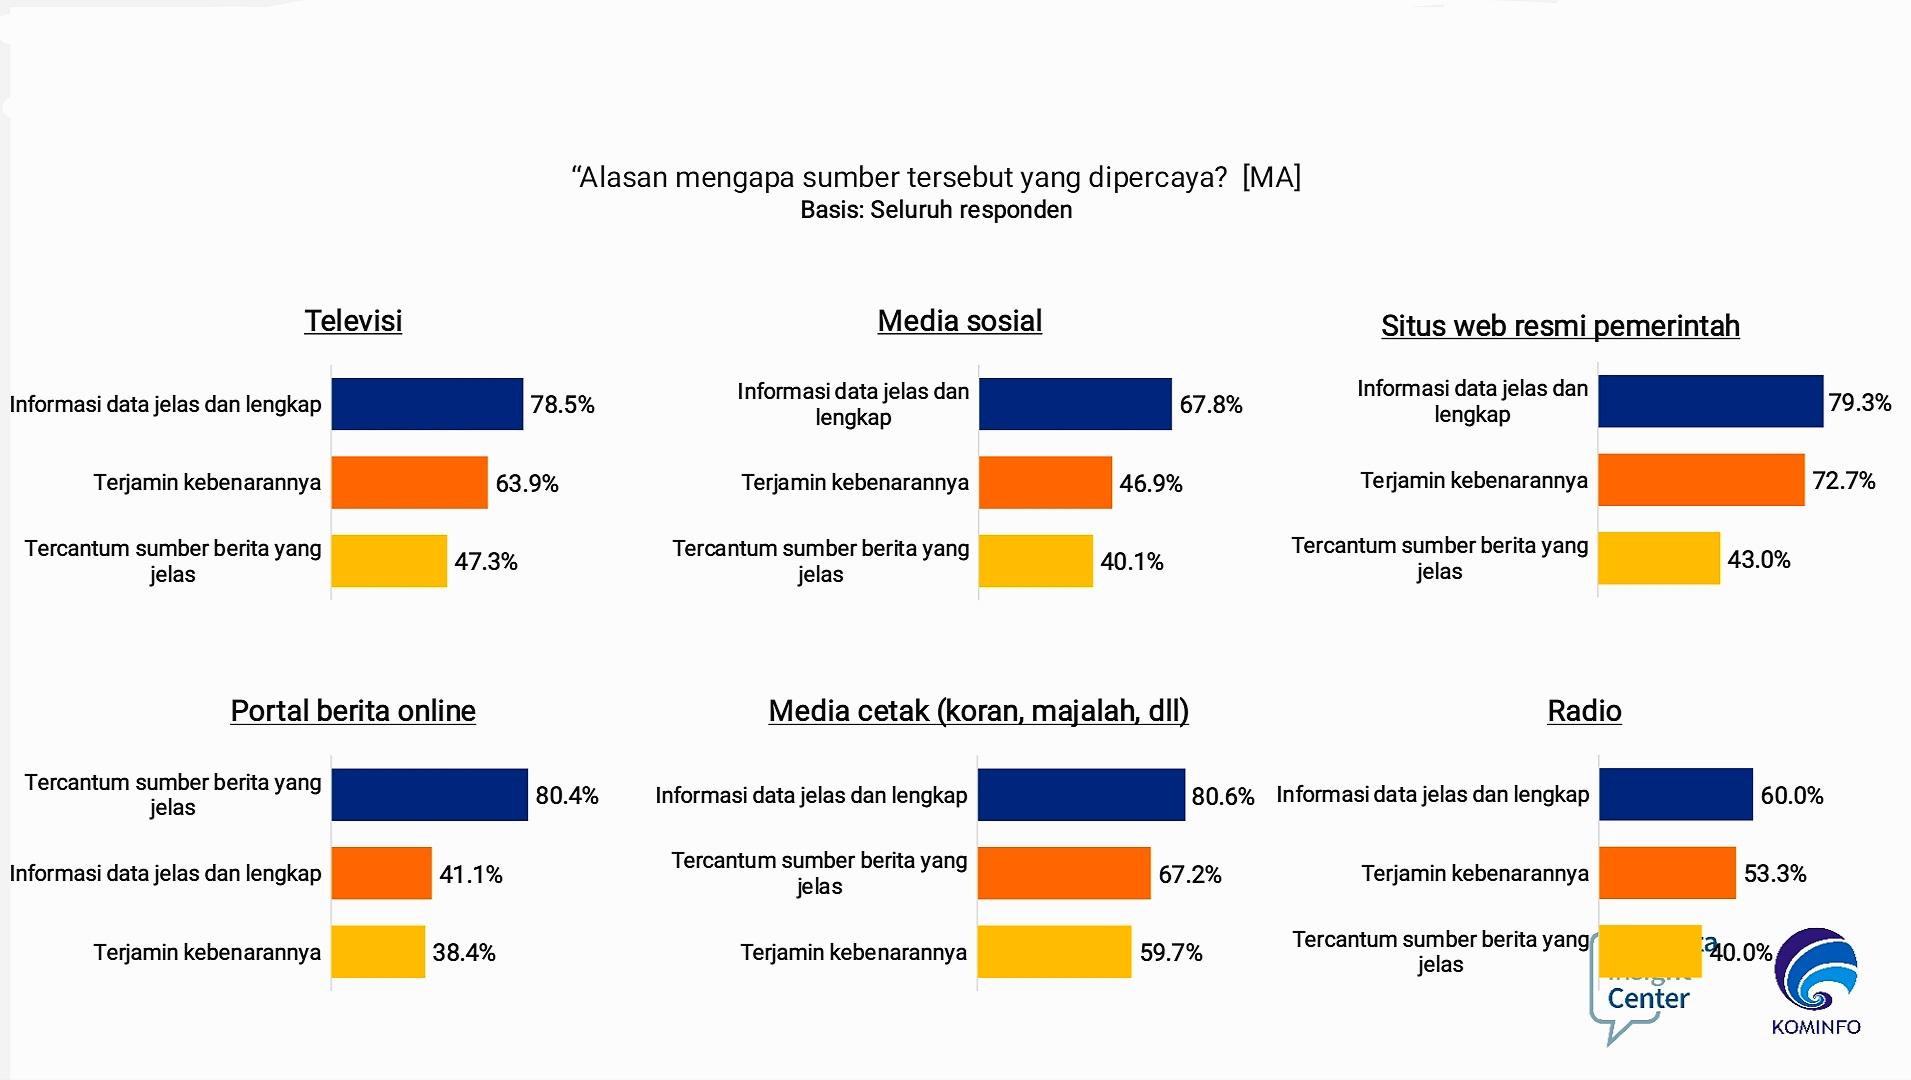 Alasan memercayai media sebagai sumber informasi